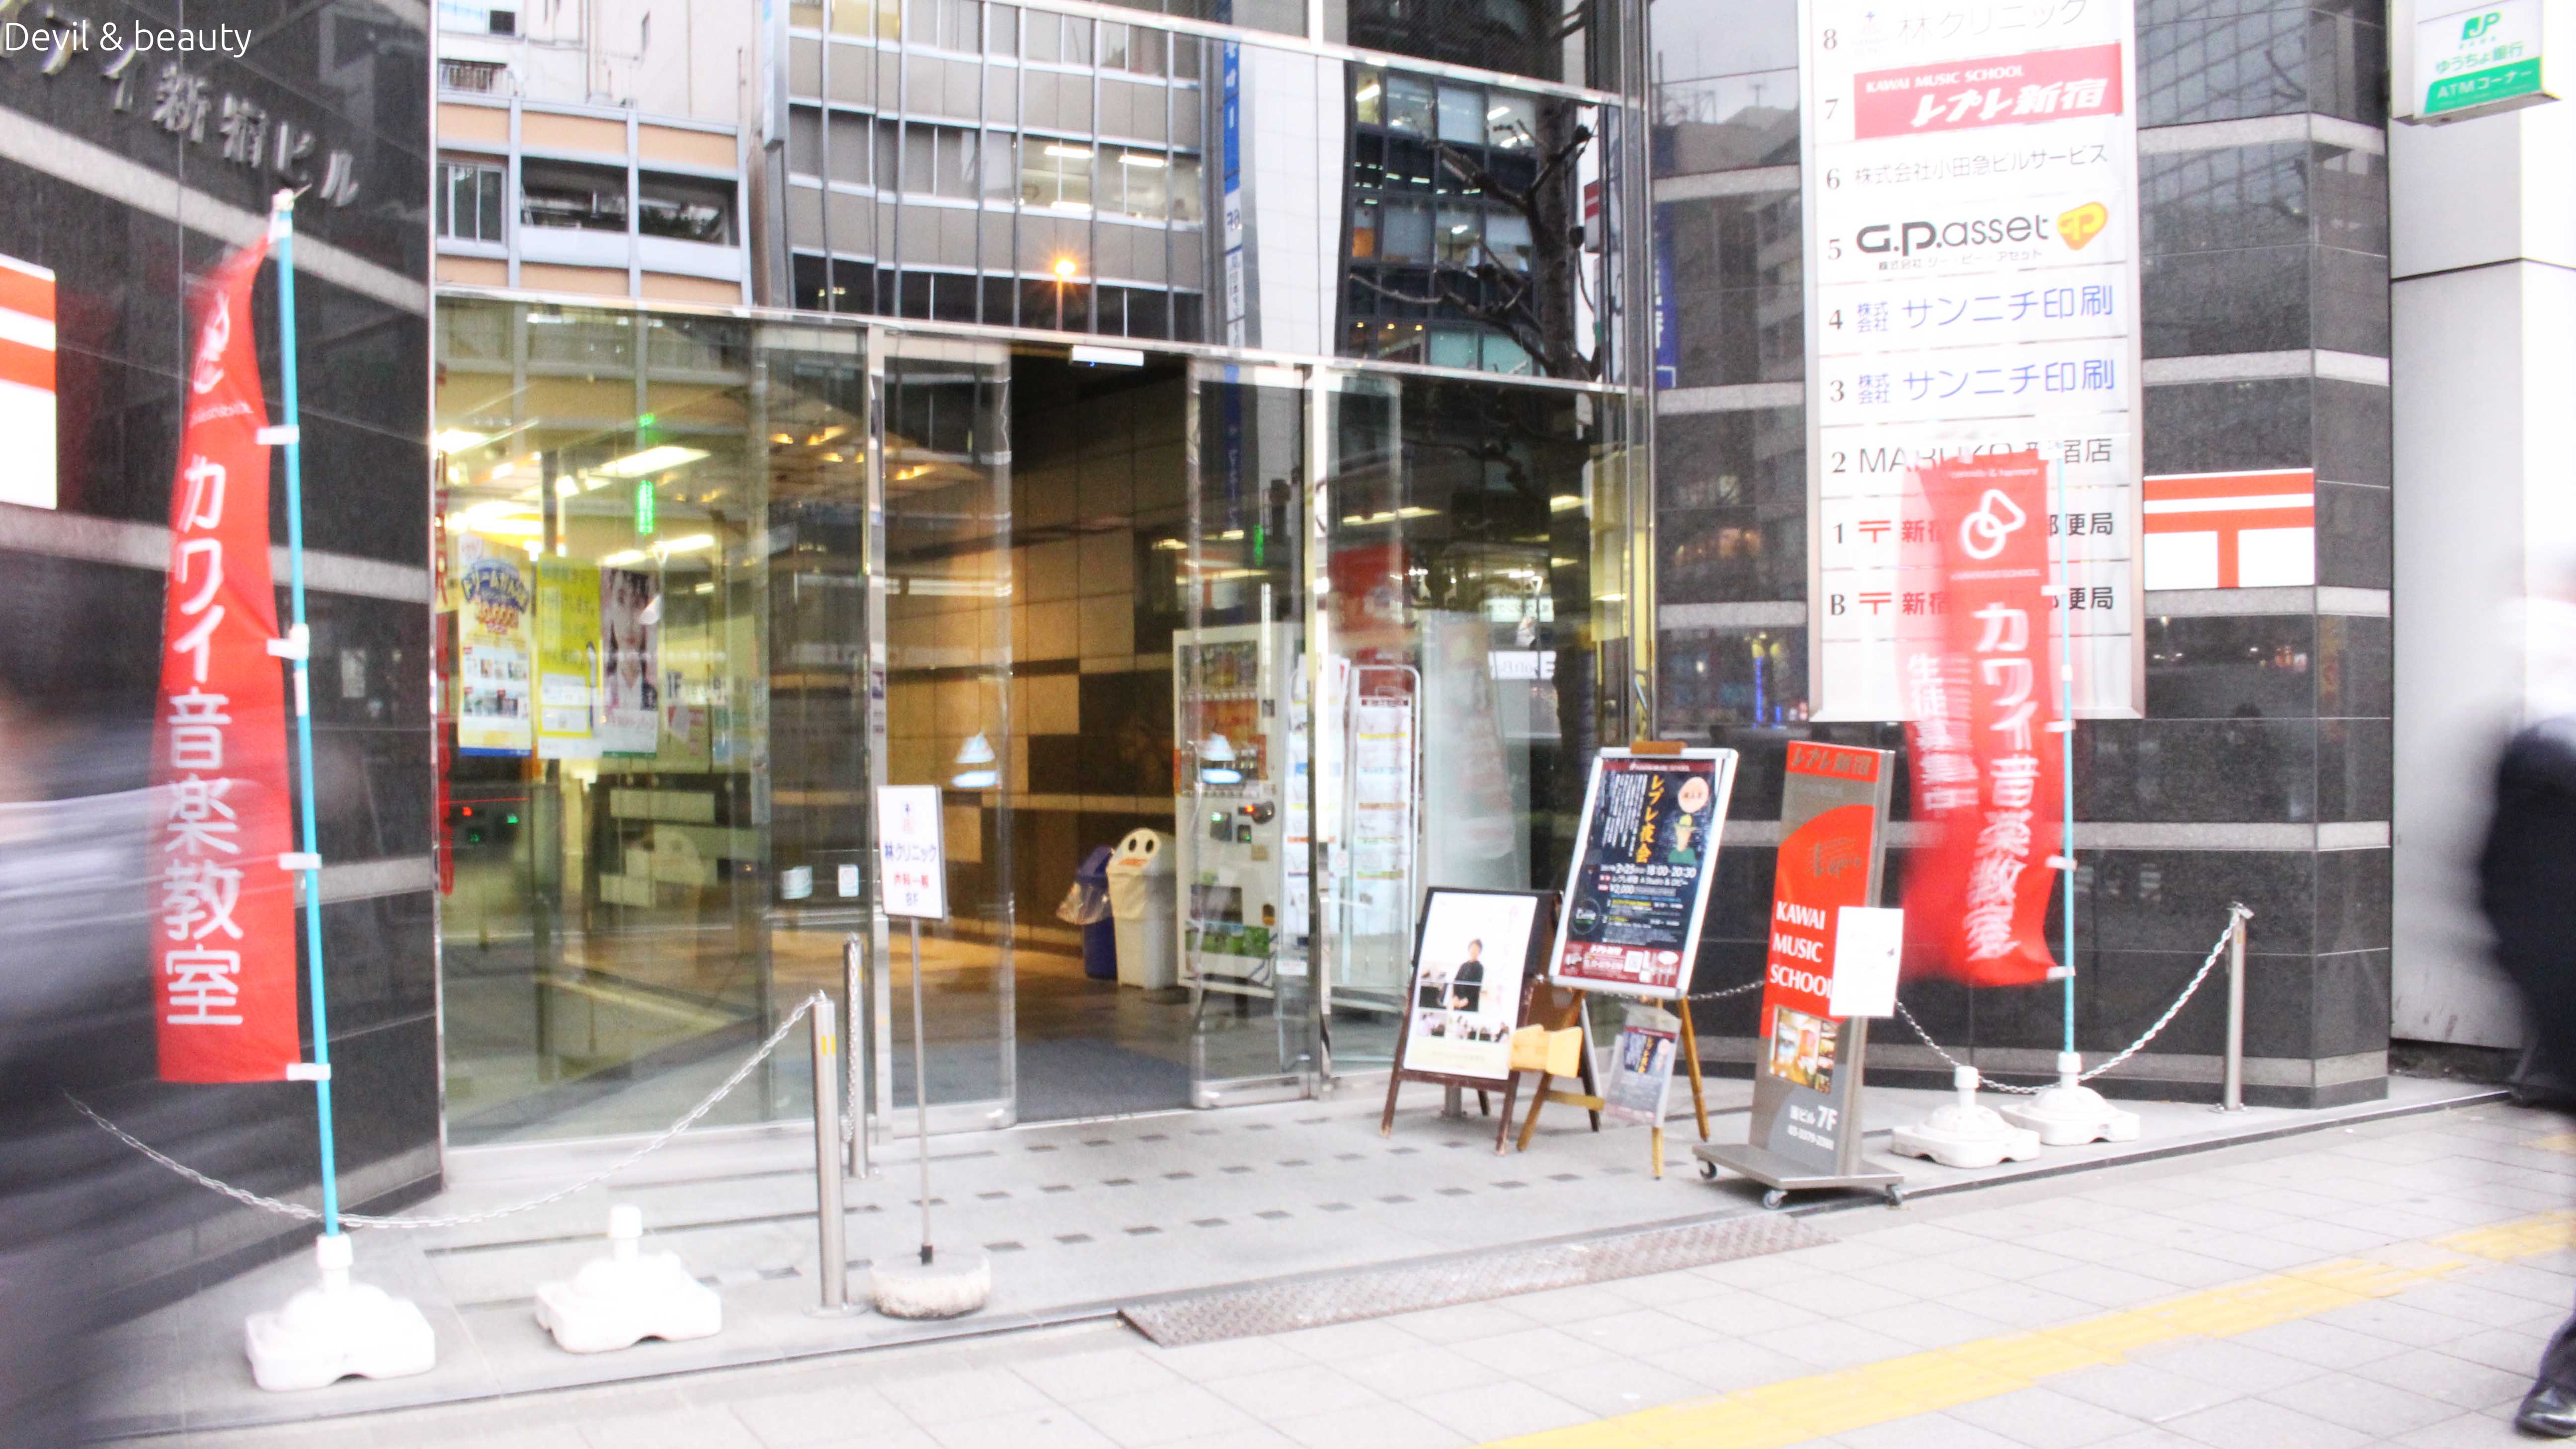 maruko-shinjyuku-5times2 - image